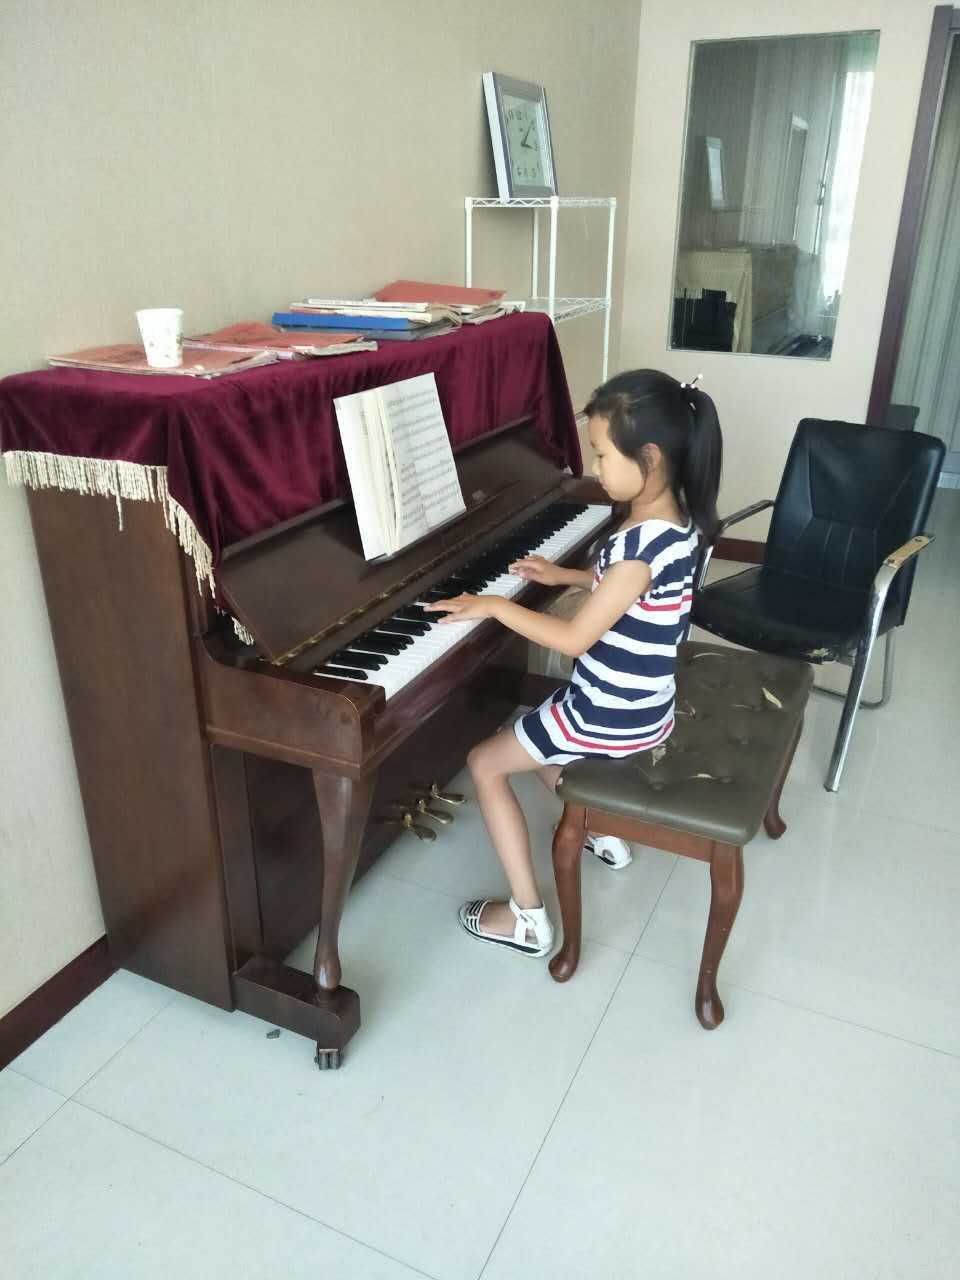 沂水蓝梦钢琴萨克斯学校